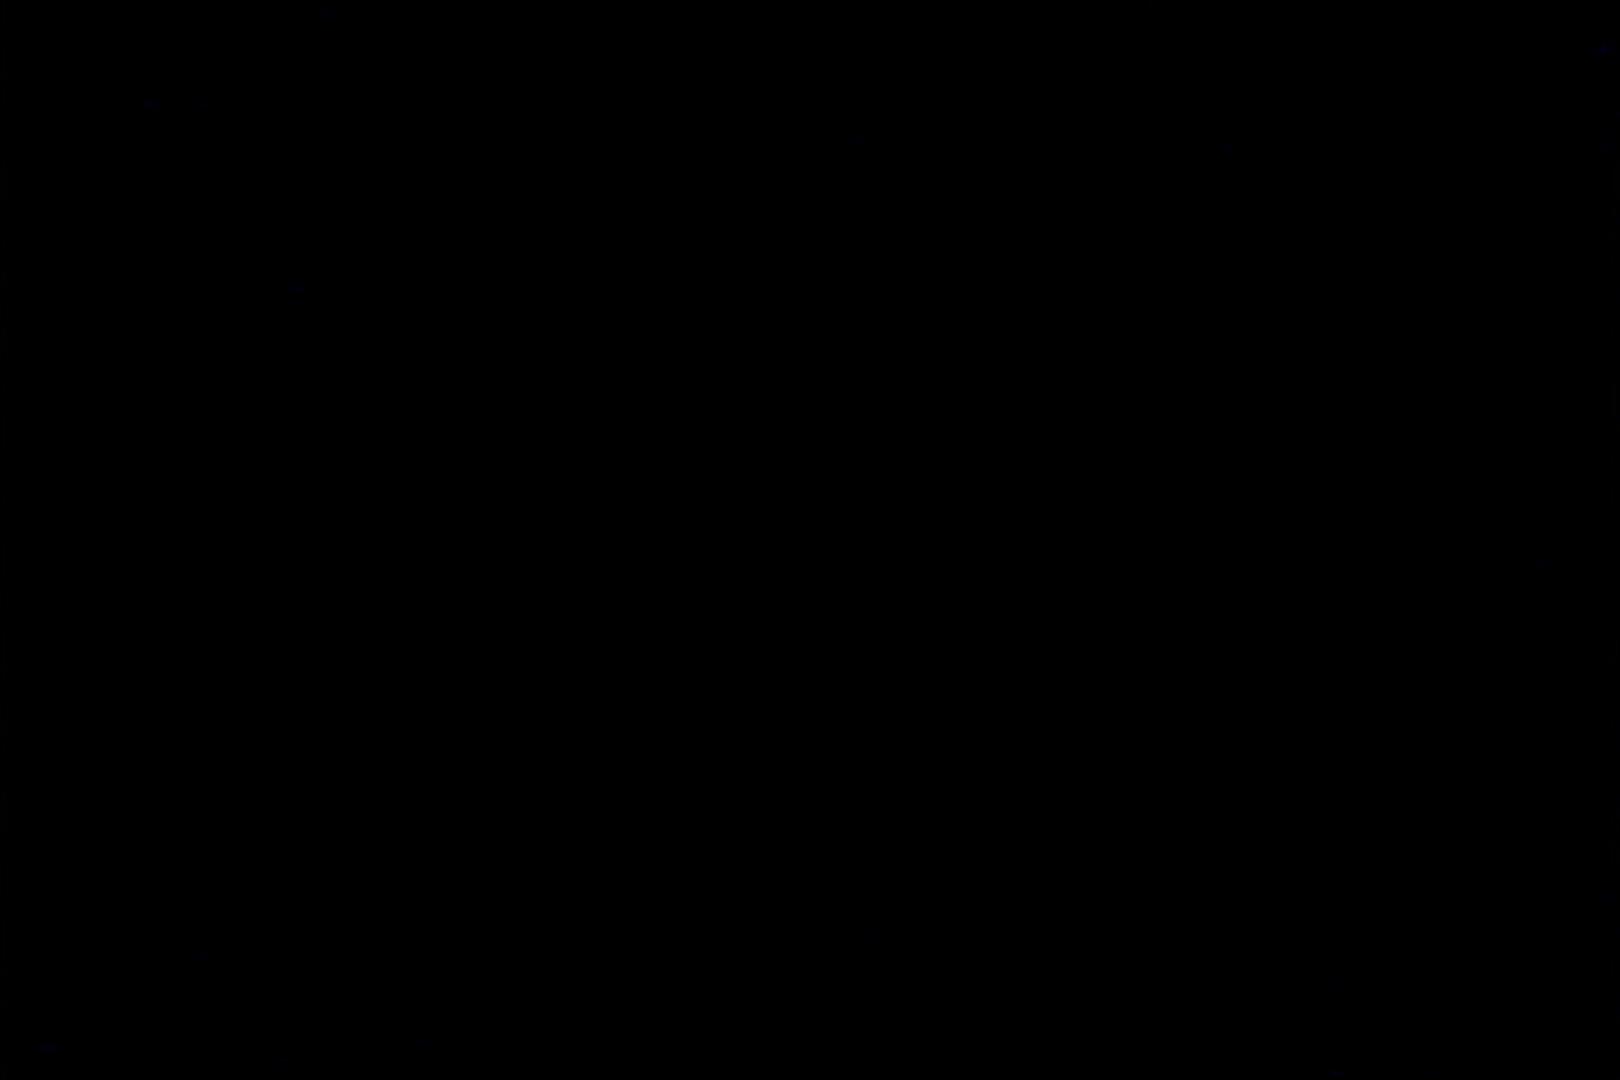 亀さんかわや VIPバージョン! vol.32 厠隠し撮り ぱこり動画紹介 73pic 28